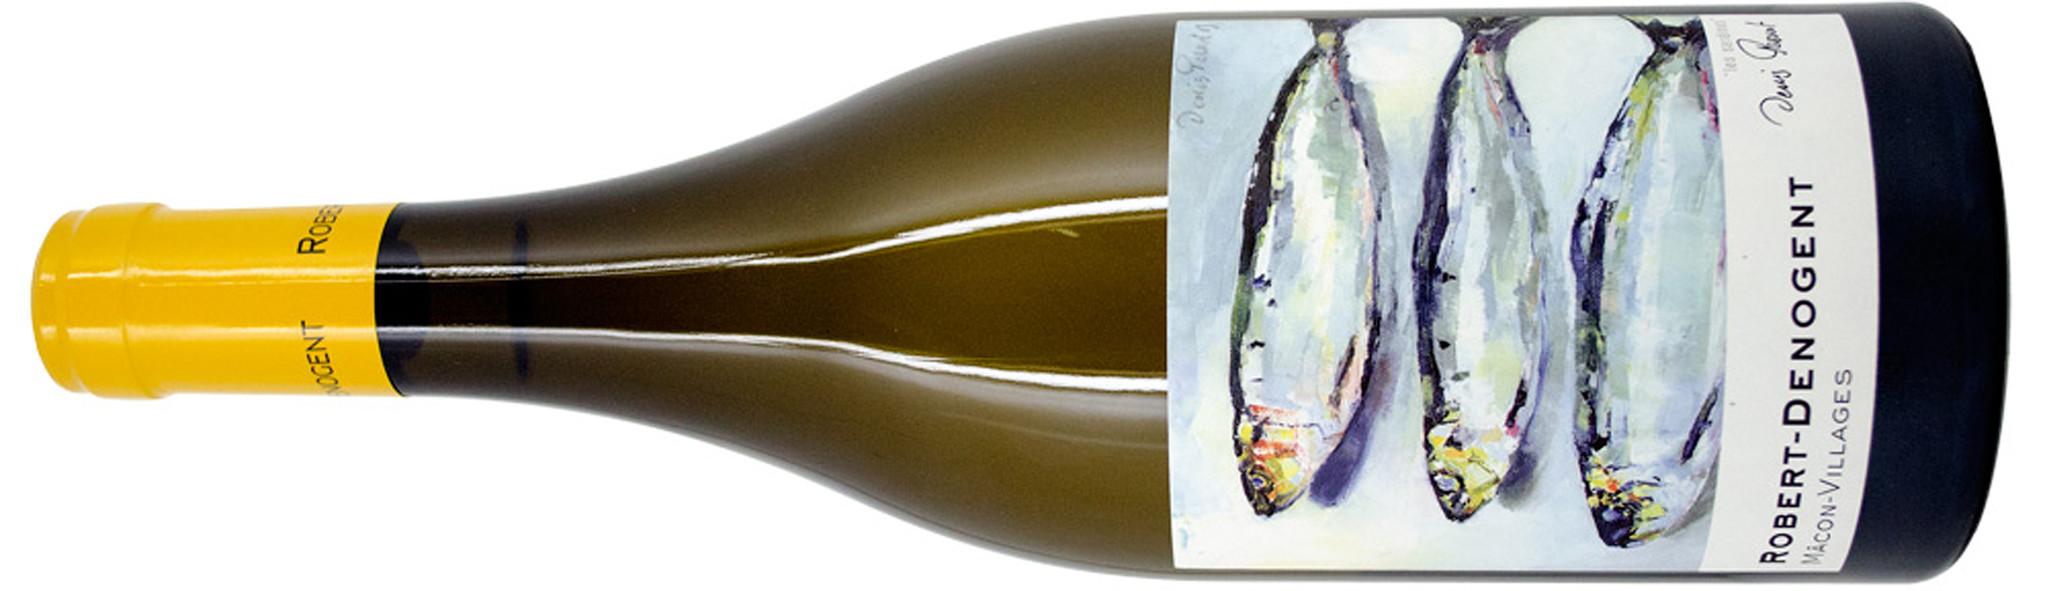 Sardines Bottle